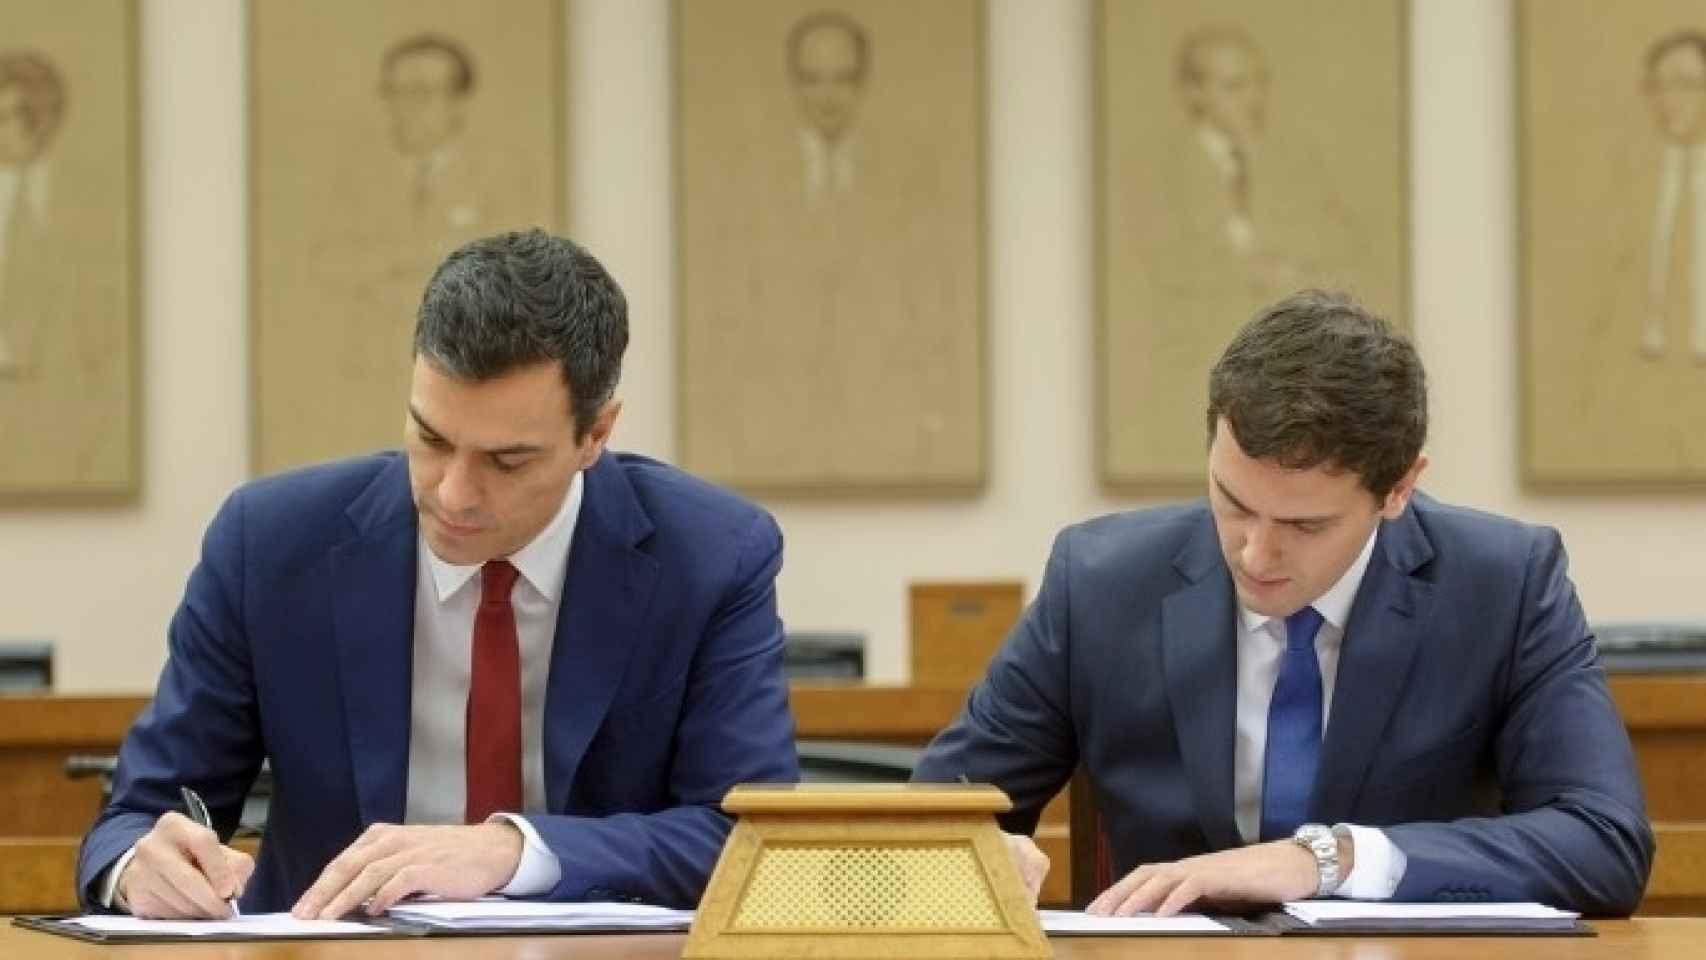 Sánchez y Rivera han inclinado la cabeza, apoyado la misma mano e utilizado el mismo bolígrafo durante la firma